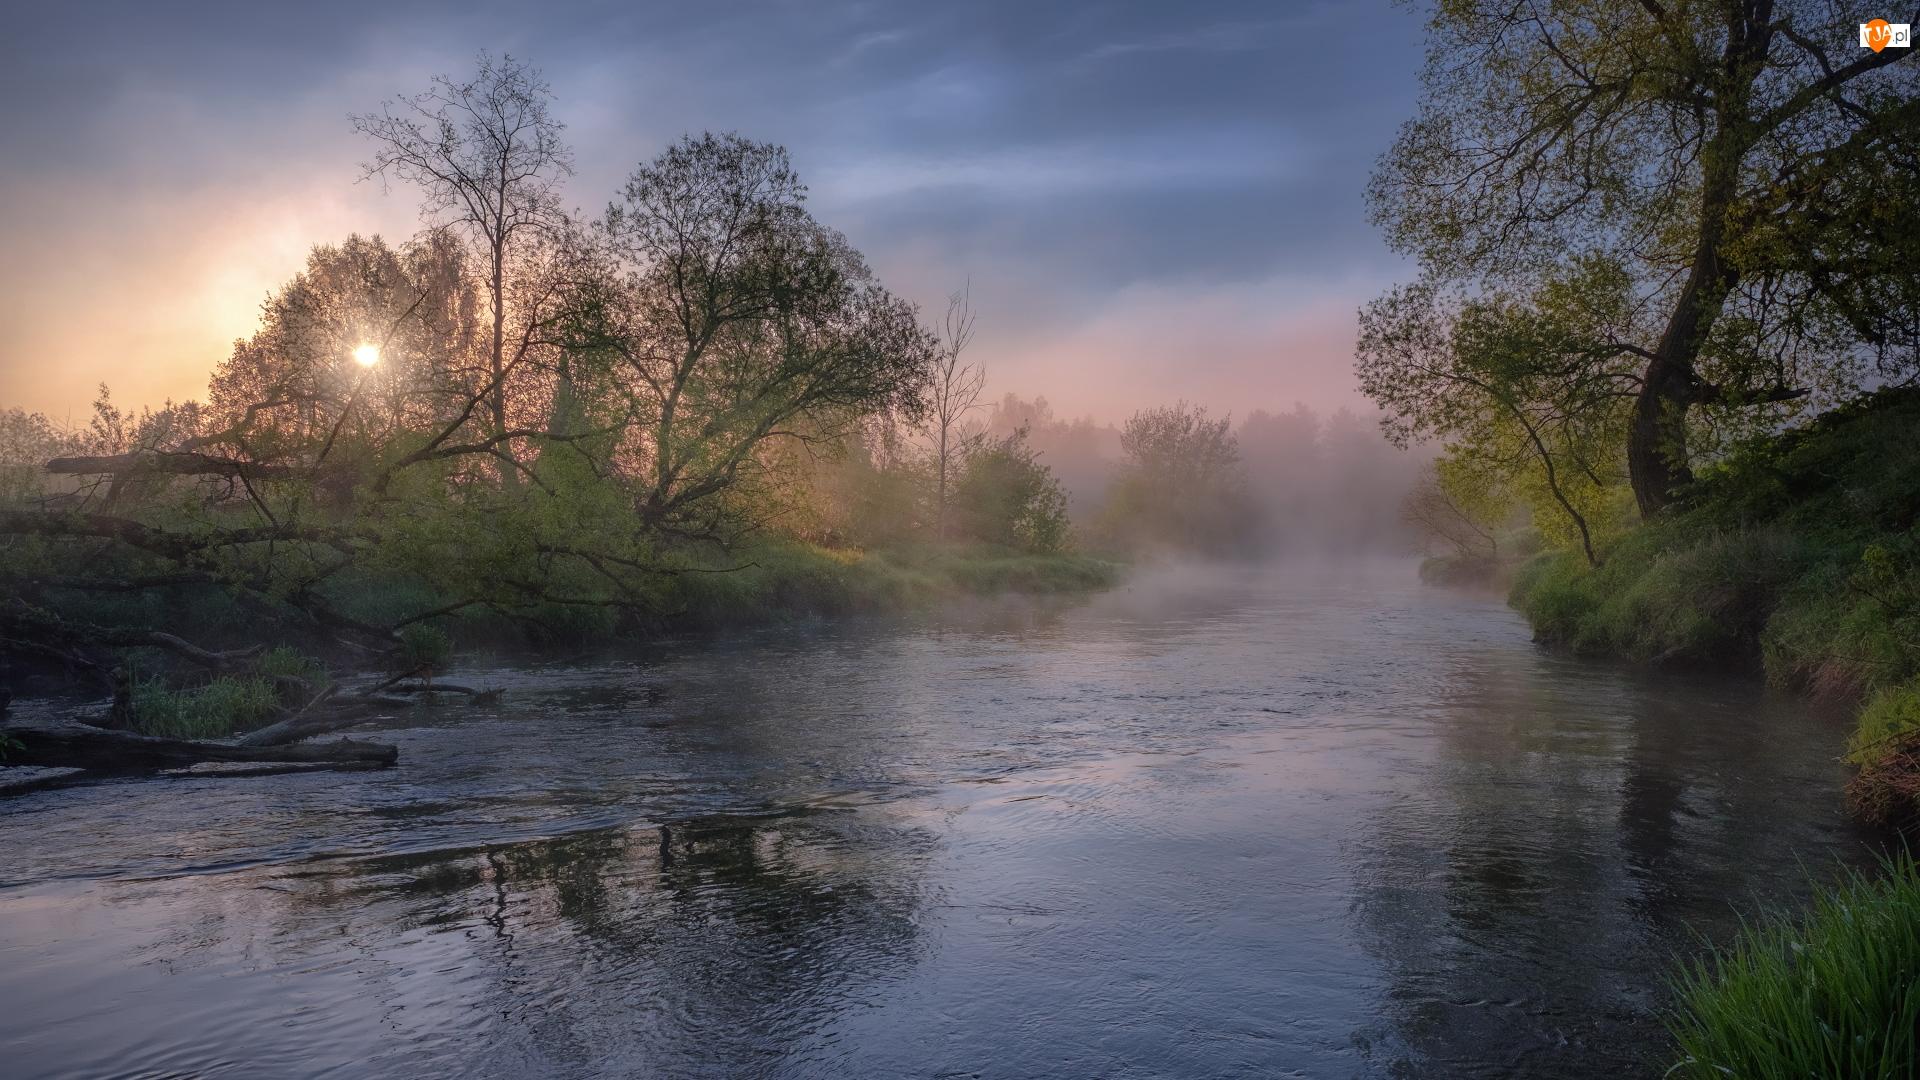 Wschód słońca, Mgła, Rosja, Wiosna, Obwód moskiewski, Drzewa, Rzeka Istra